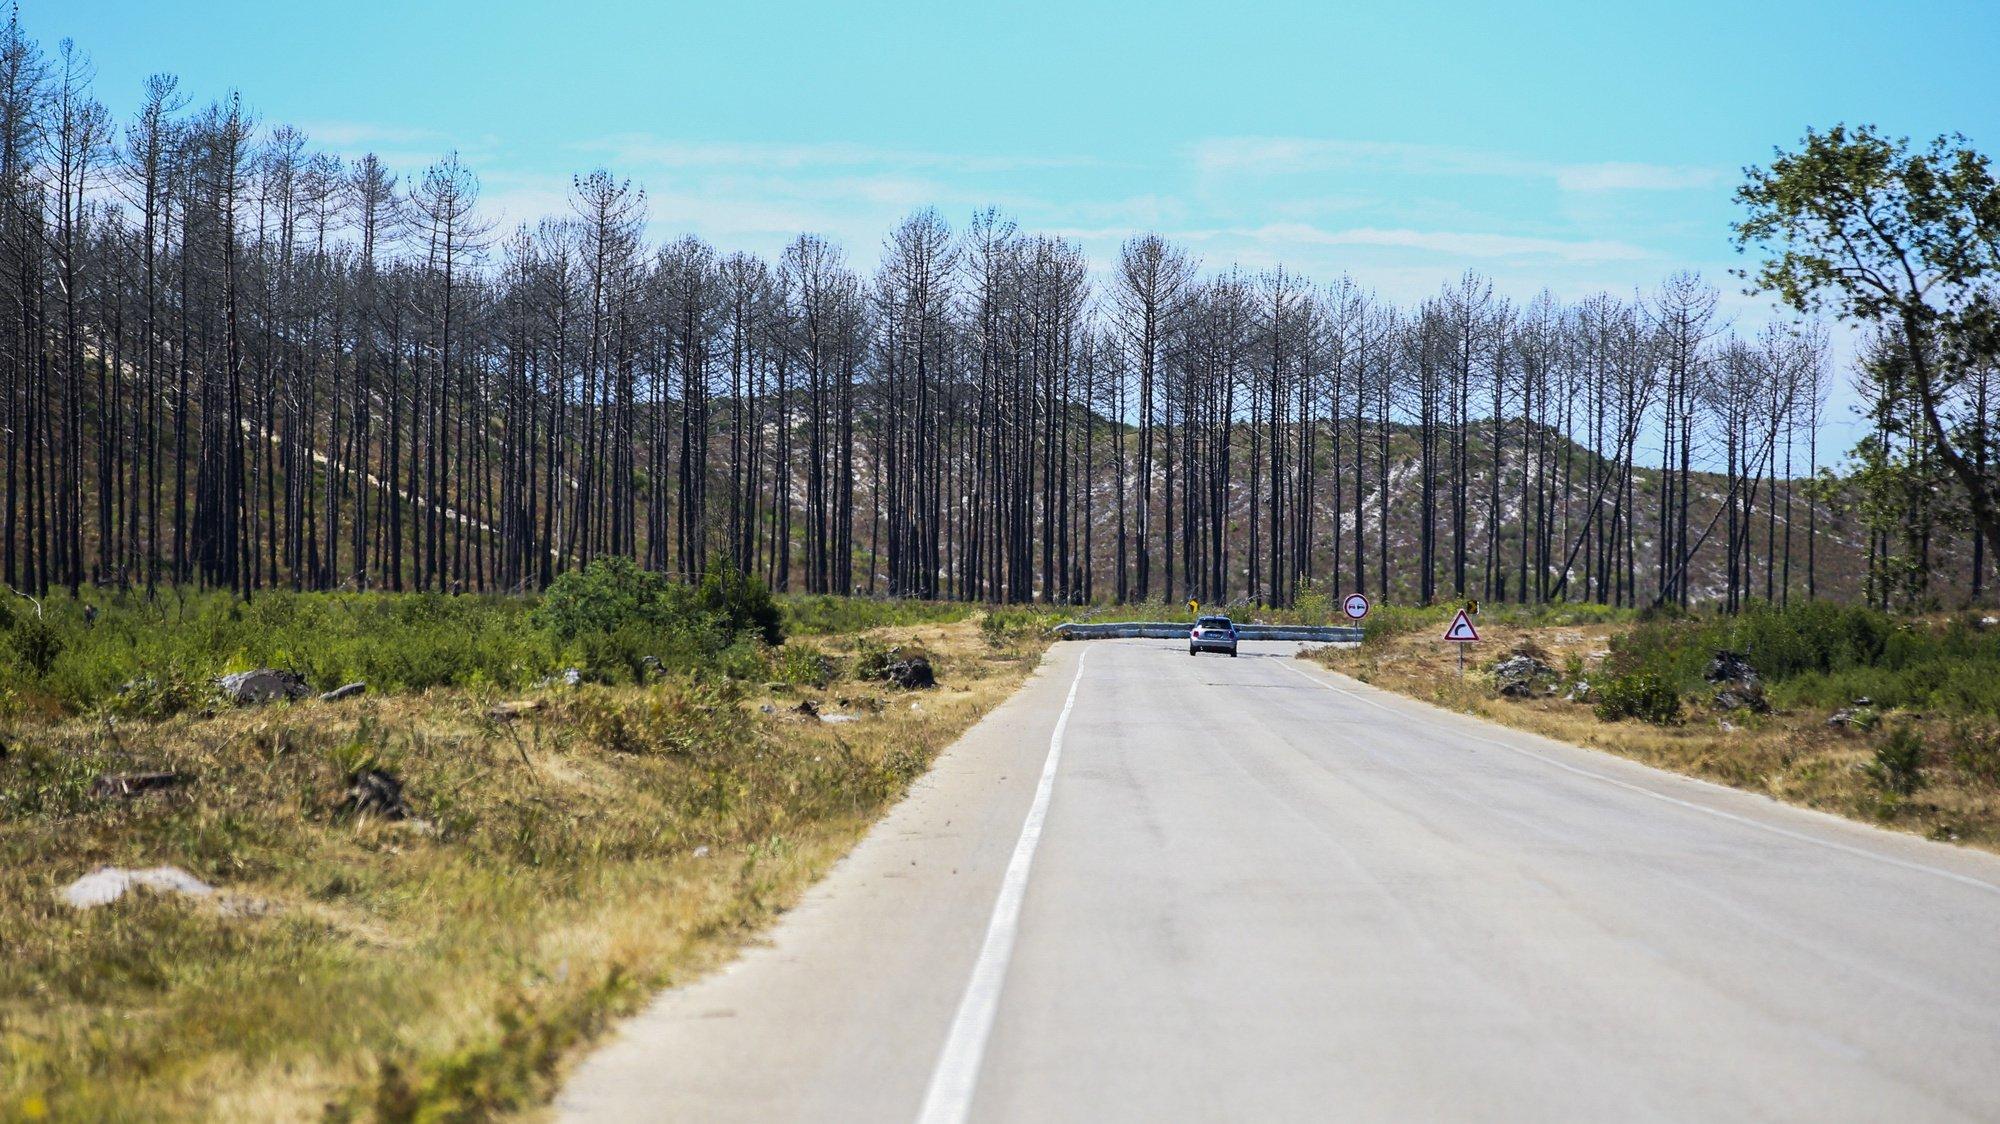 Vista do Pinhal de Leiria, em Vieira de Leiria, 31 de julho 2020. Há milhares de pinheiros a crescer na Mata Nacional de Leiria quase três anos após o incêndio que destruiu quase toda a floresta do concelho da Marinha Grande, apontando o ICNF - Instituto da Conservação da Natureza e das Florestas para uma taxa de sucesso de regeneração superior a 80%. (ACOMPANHA TEXTO DE 9 DE AGOSTO DE 2020). PAULO CUNHA /LUSA